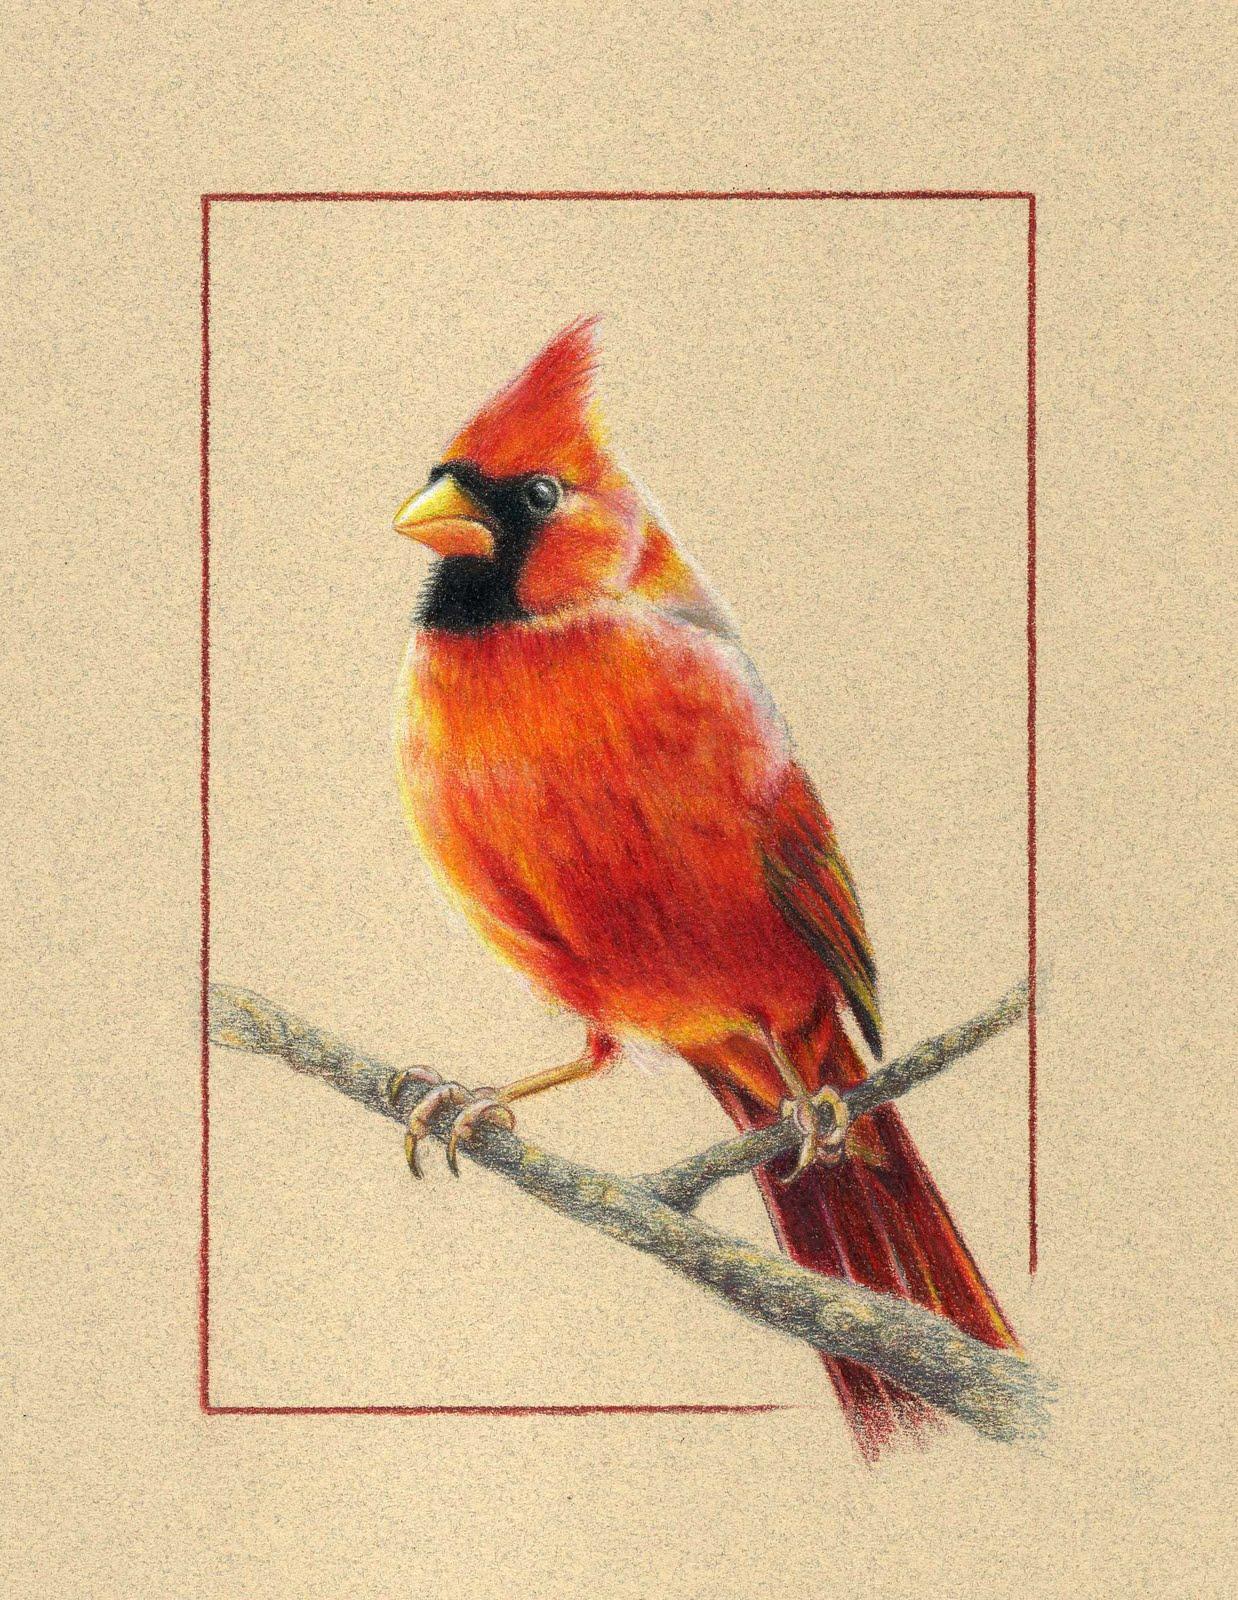 Wild life: Cardinal wallpaper | wild birds  |Cardinal Bird Drawings